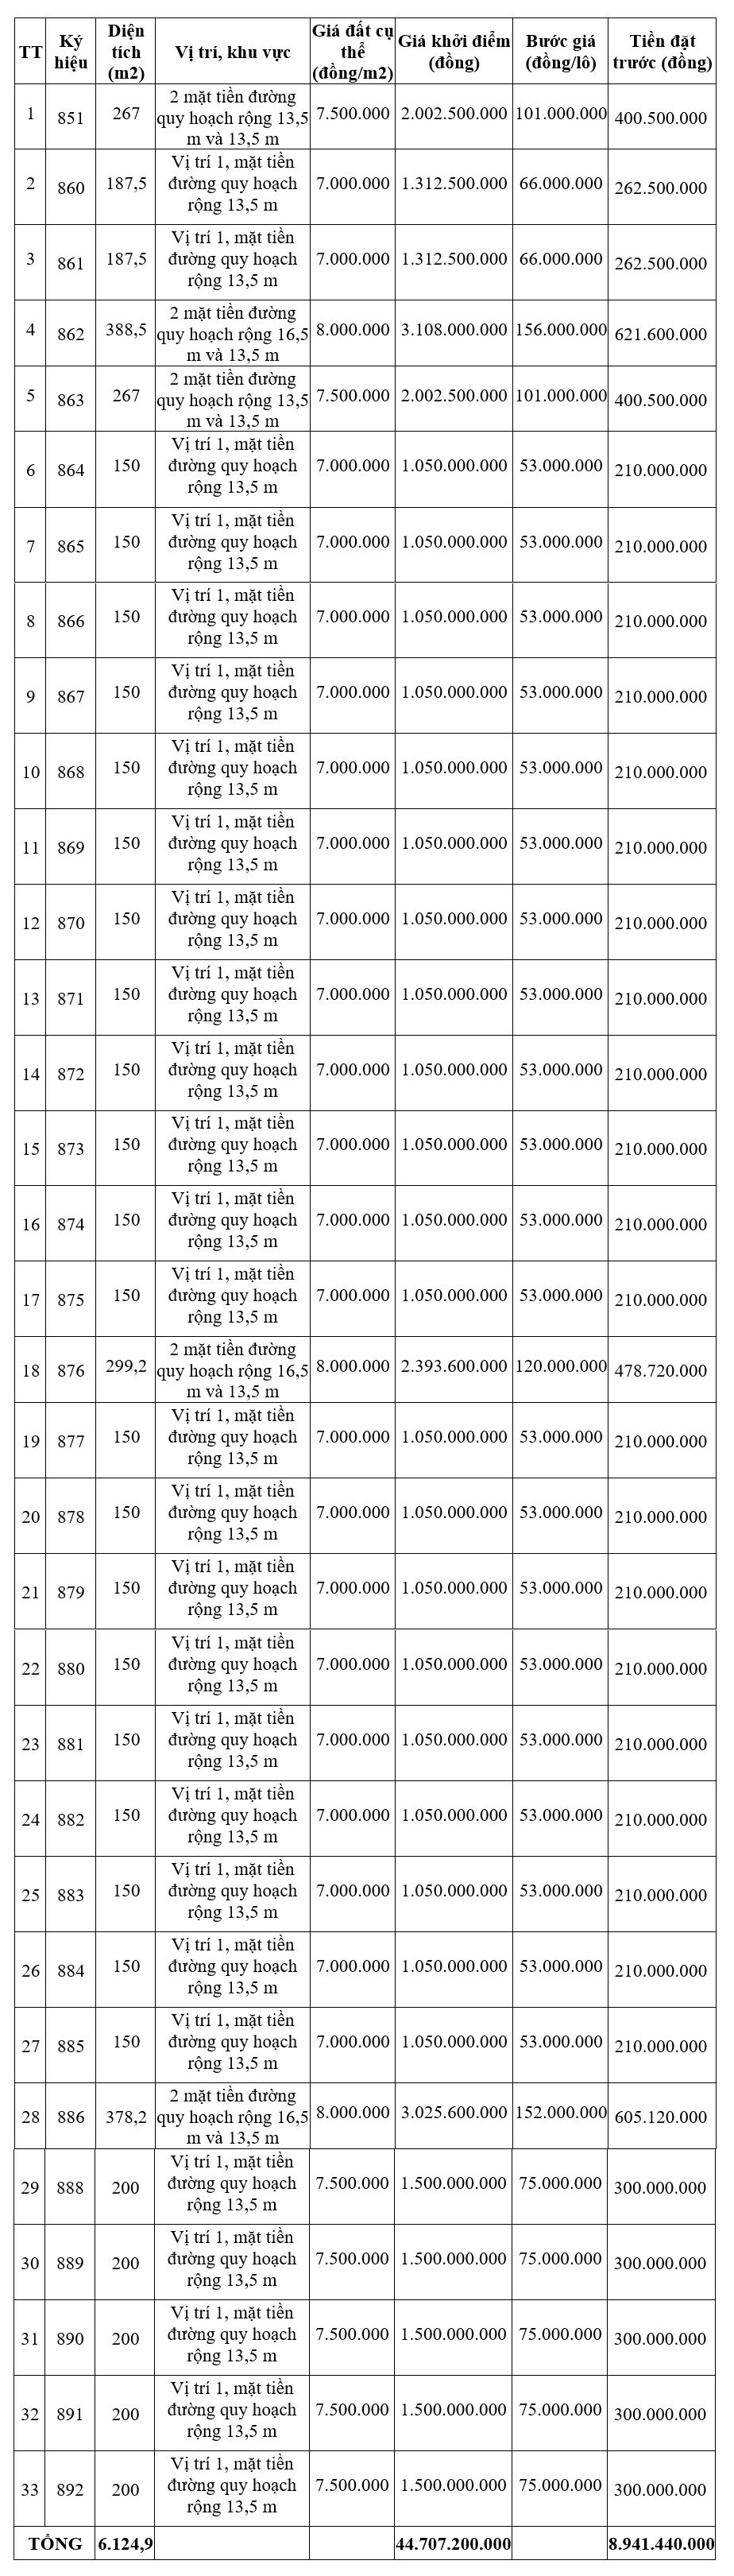 Thừa Thiên Huế đấu giá 33 lô đất tại Hương Thủy, khởi điểm từ 7 triệu đồng/m2 - Ảnh 1.